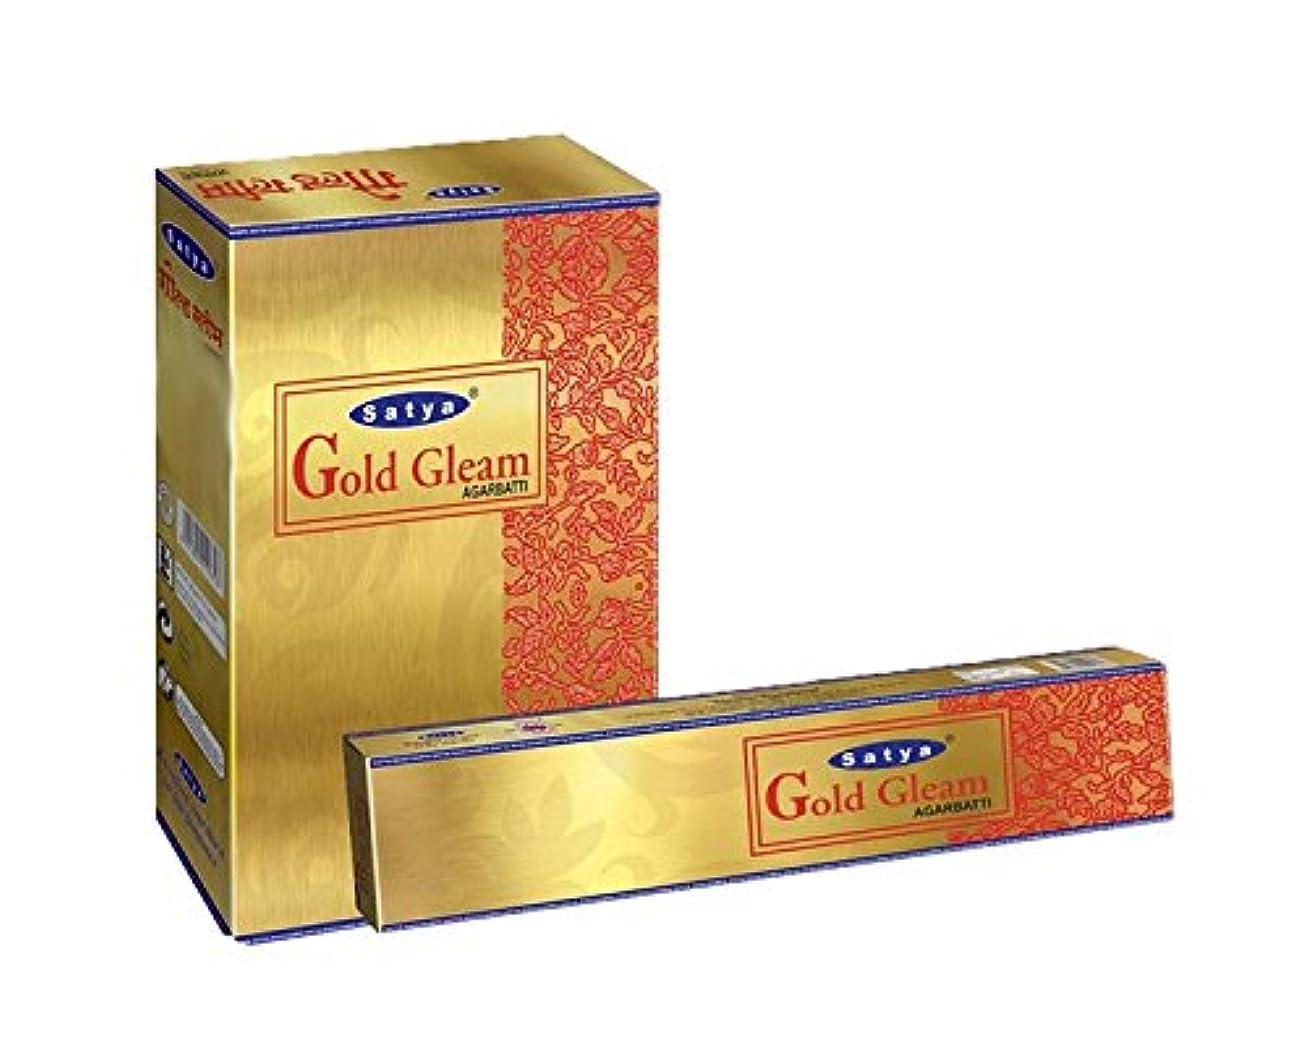 粘性の新年追い付くSatyaゴールドGleam Incense Sticksボックス240 gmsボックス